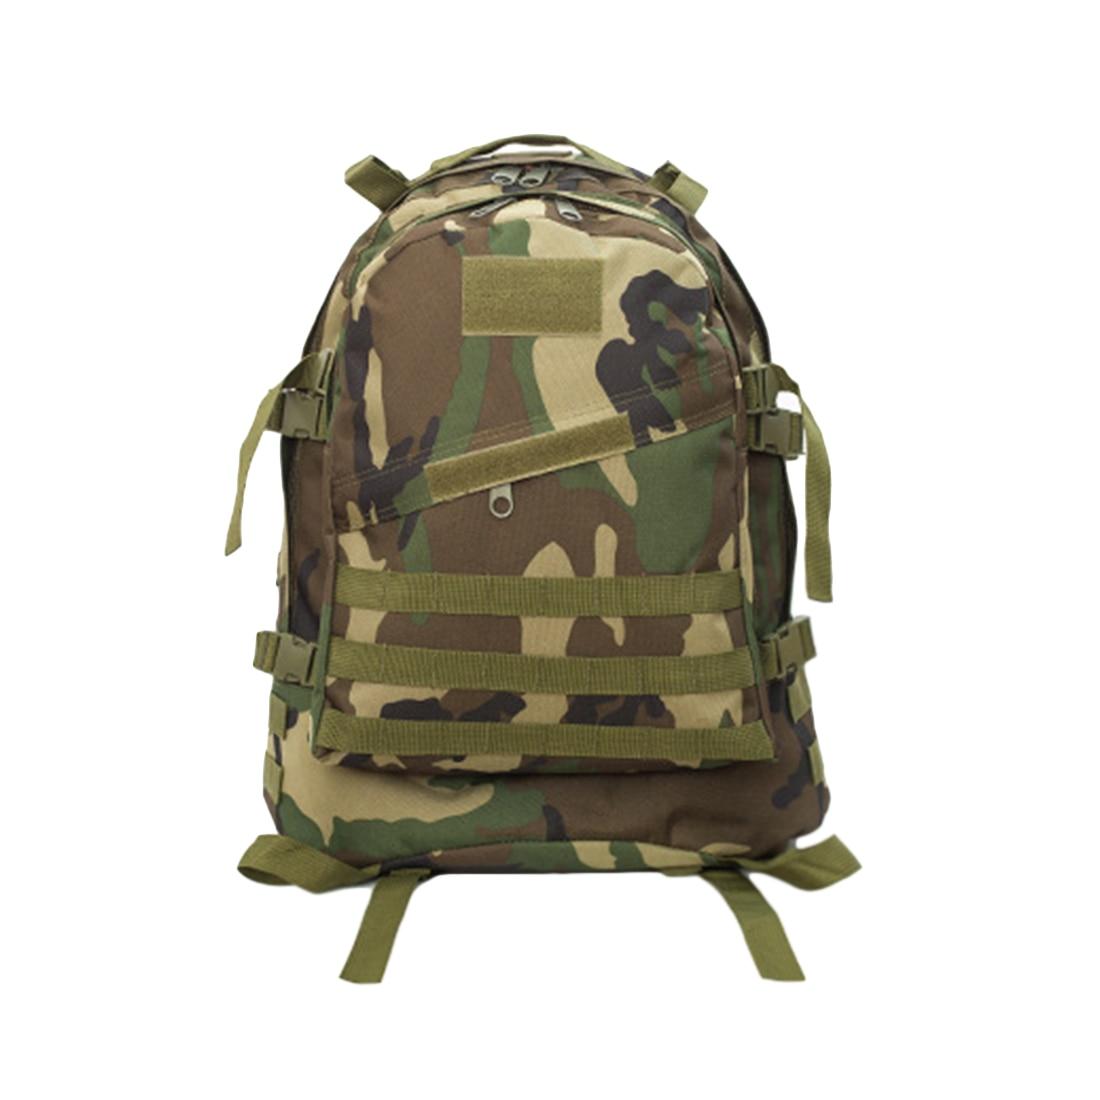 af216b1fc9e91 3D 40L Açık Askeri Sırt Çantası erkek omuzdan askili çanta Taktik Molle Sırt  Çantası Sırt Çantaları Kamp Yürüyüş Trekking Çanta Kamuflaj